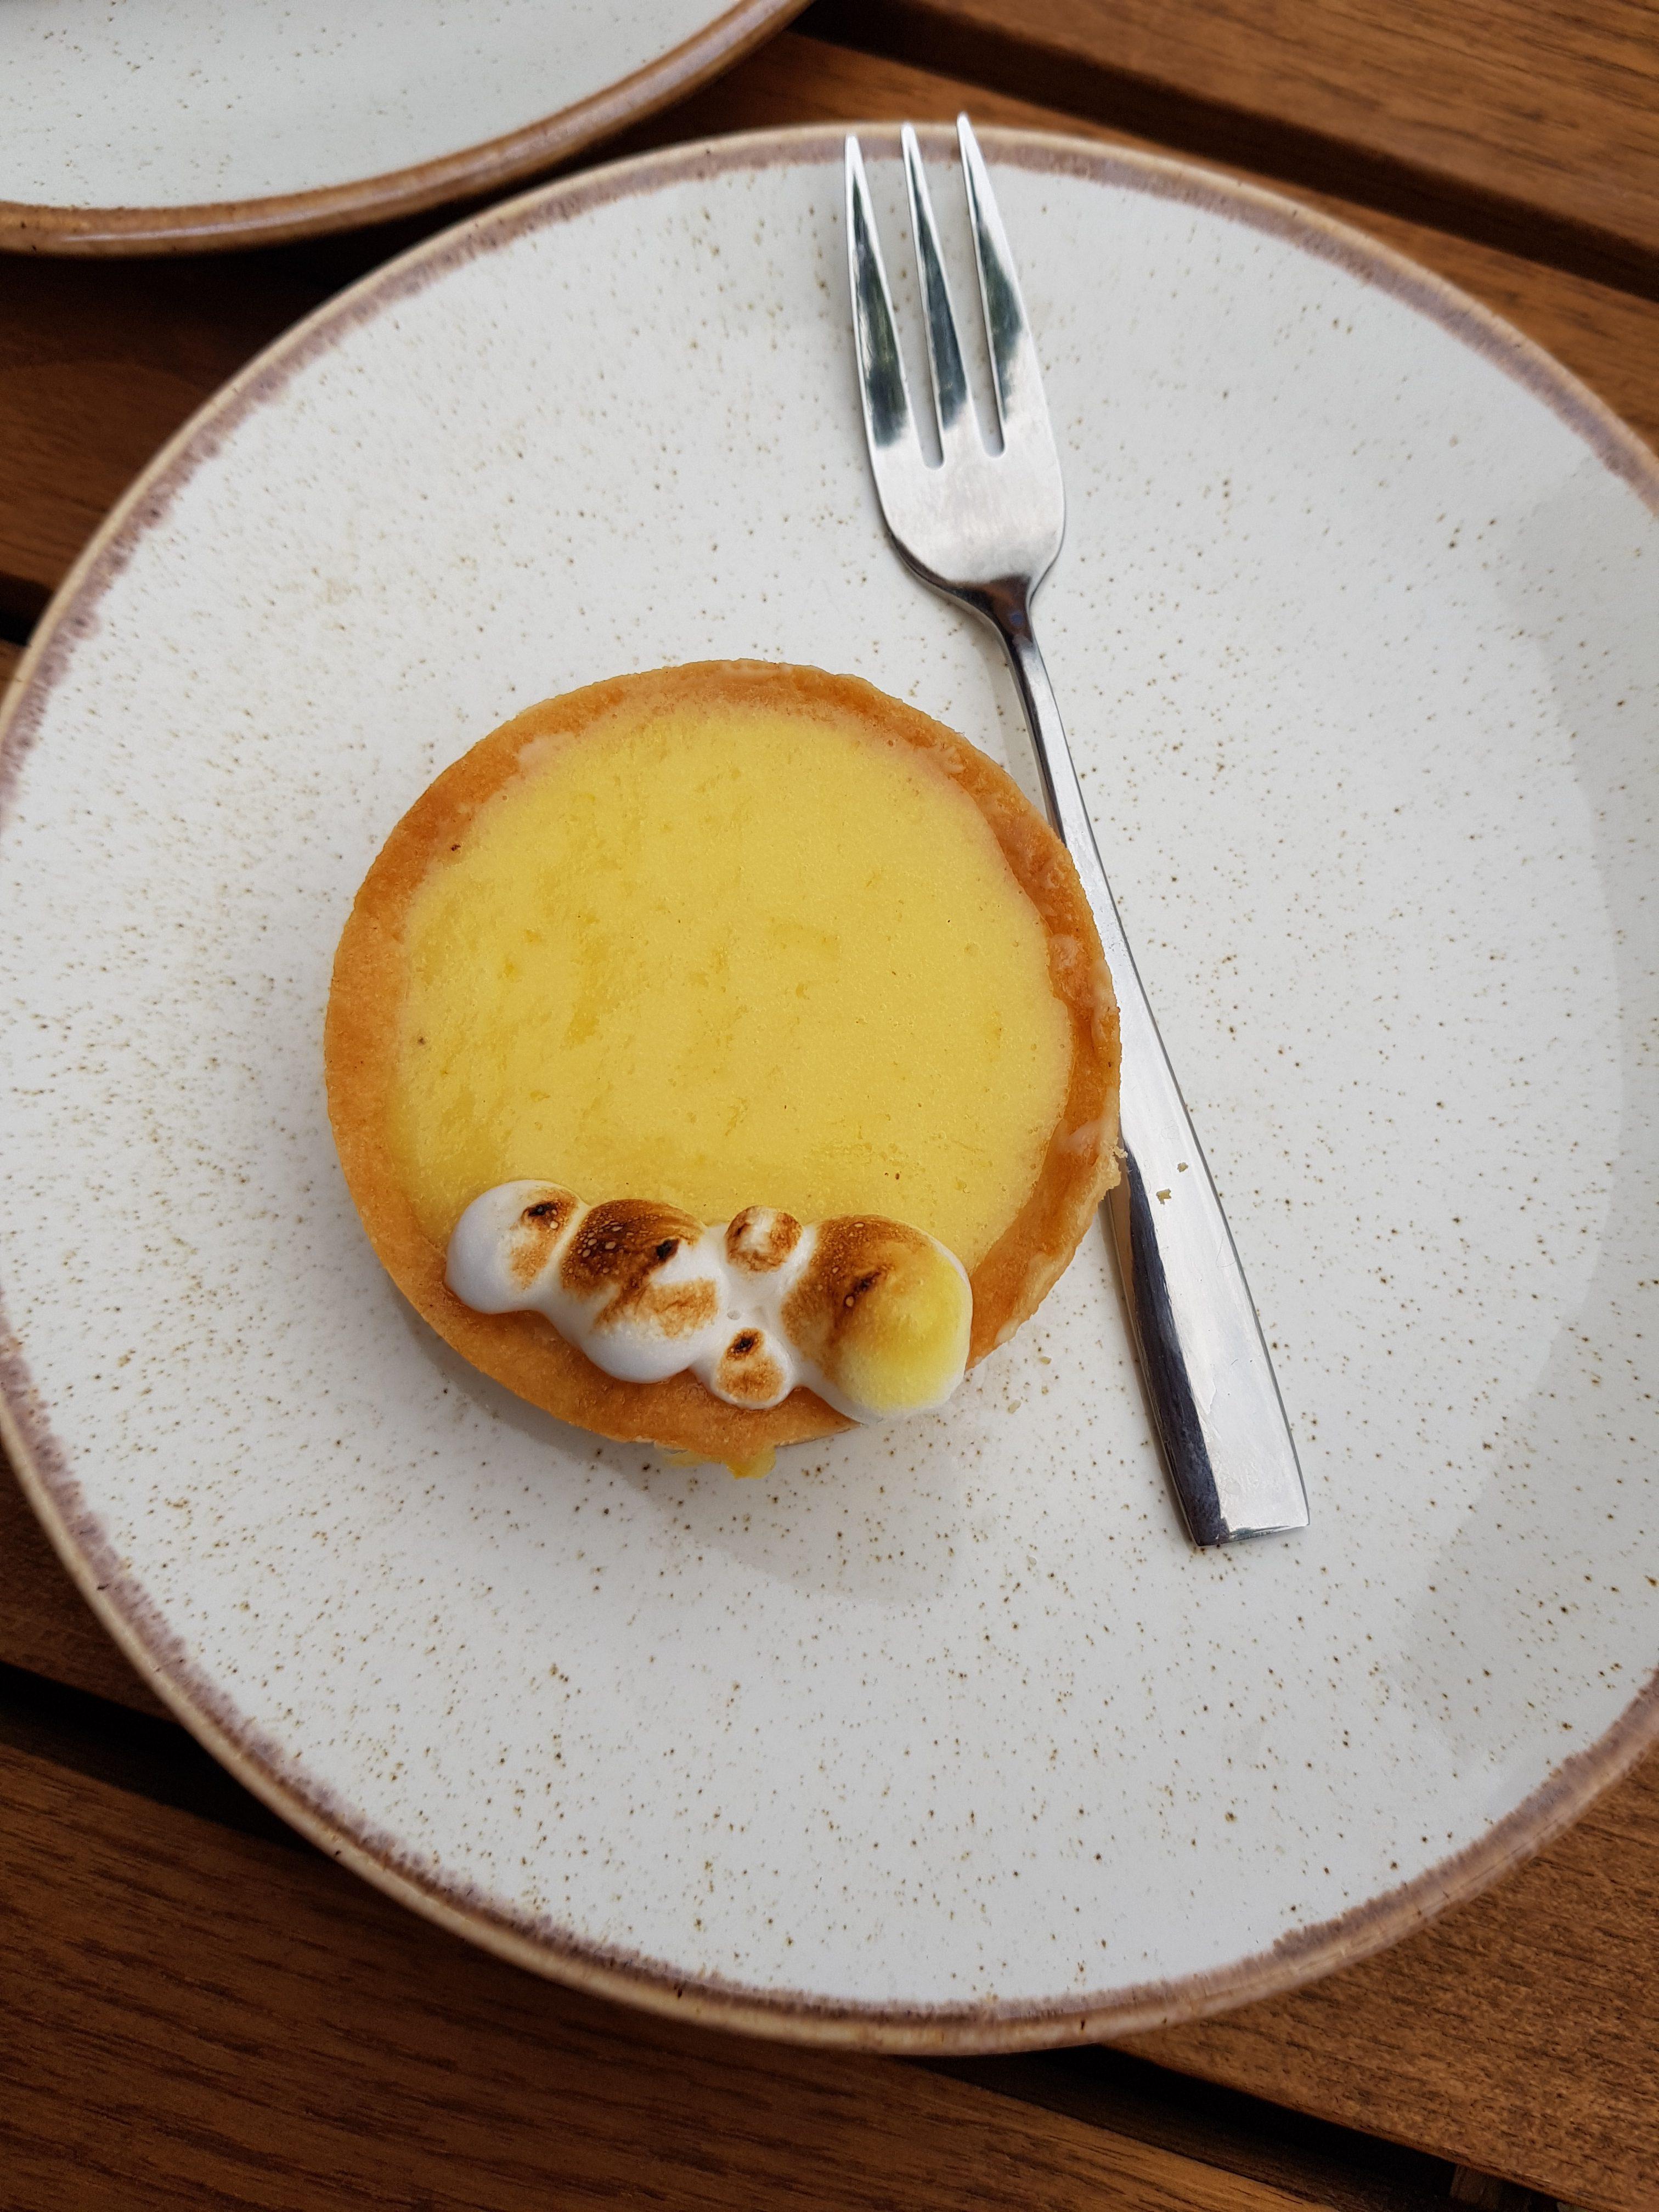 Bridge Baker review on Wandsworth Bridge road, Fulham. Vegetarian friendly, brunch available. Some Vegan options. mini lemon tart